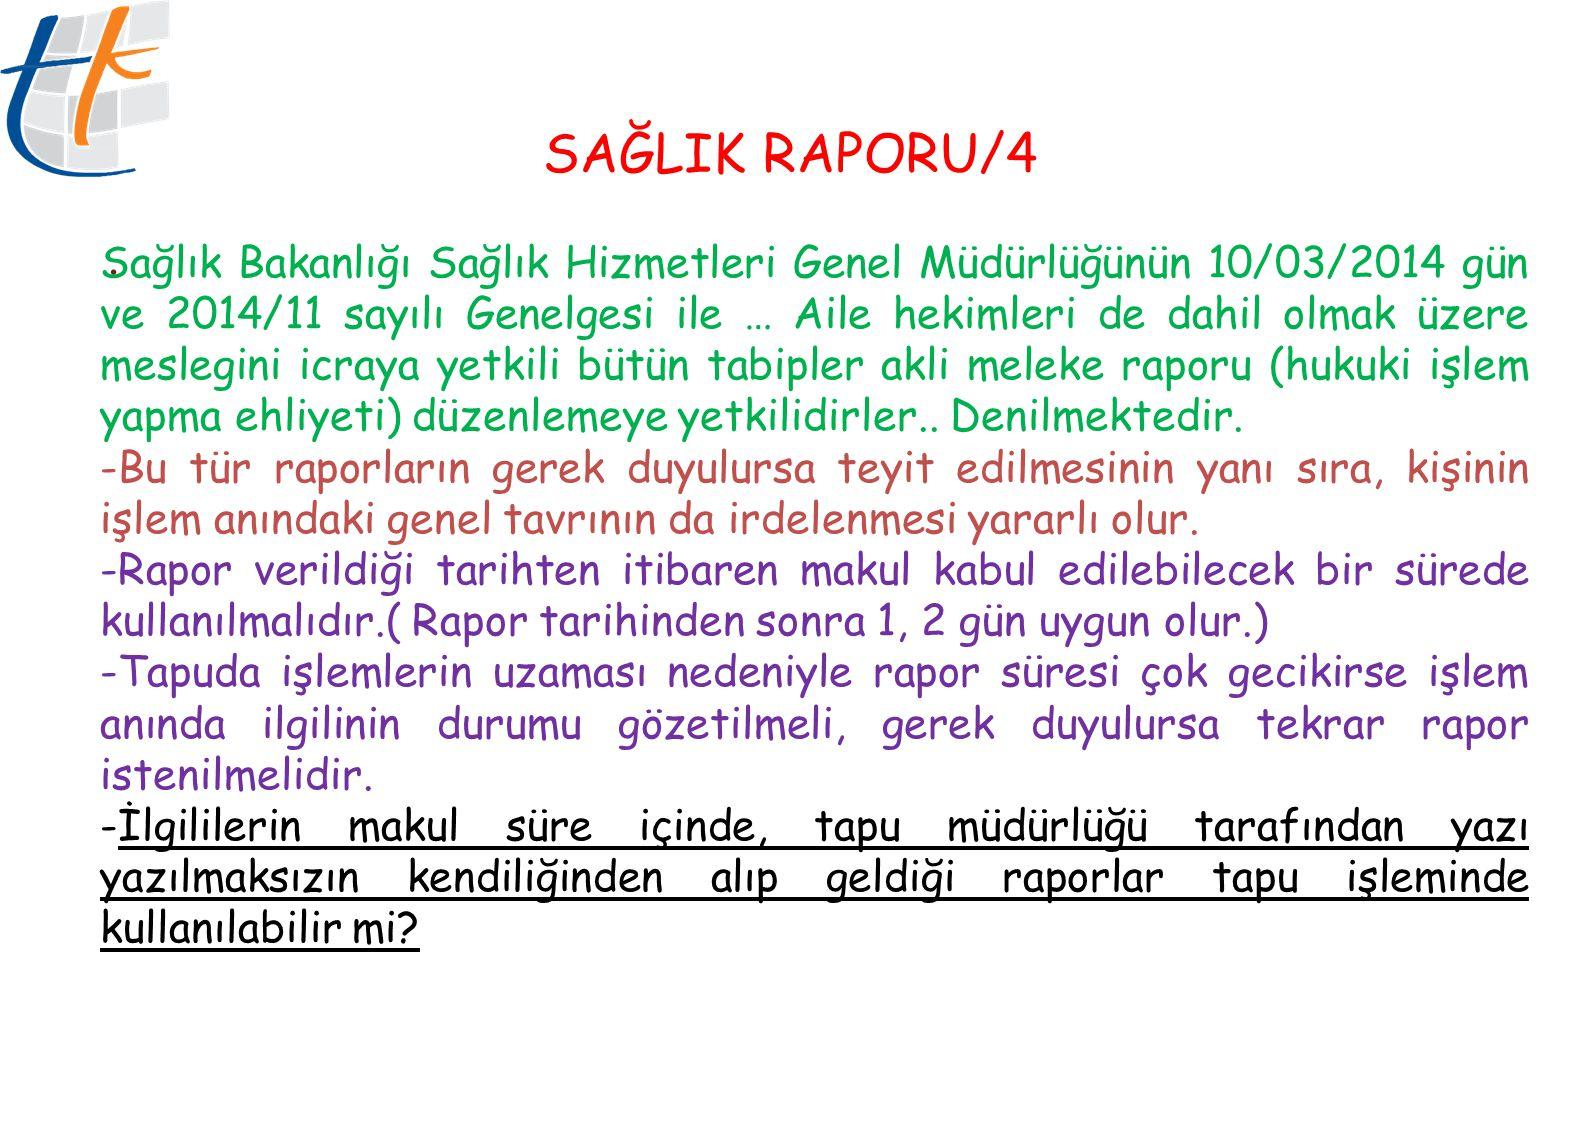 SAĞLIK RAPORU/4.